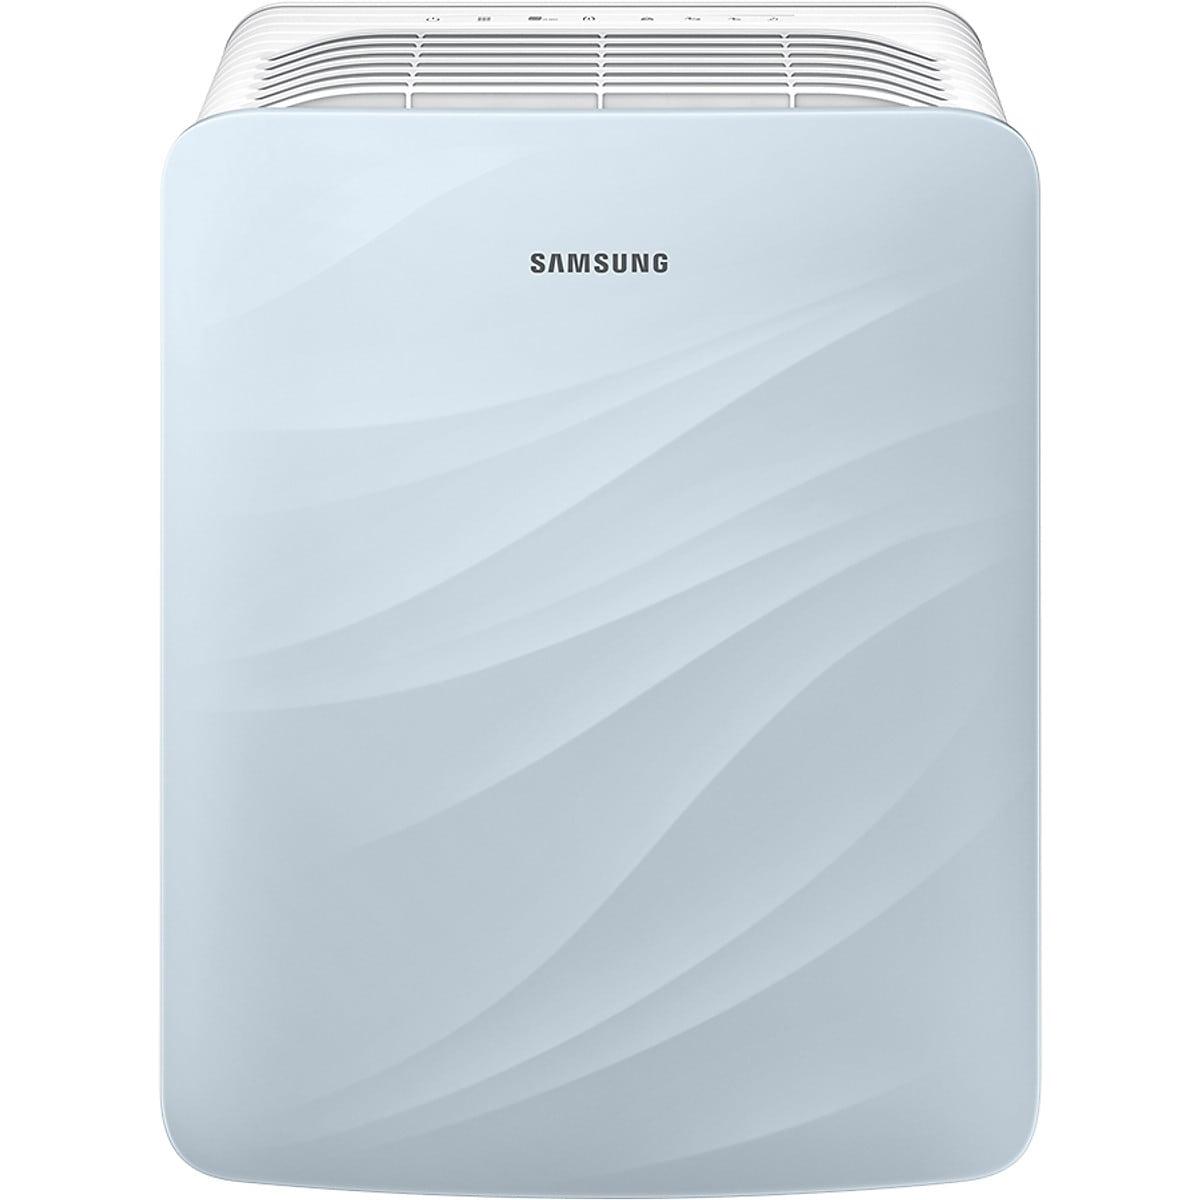 Thiết kế của máy lọc không khí Samsung ax40r3020wu sv